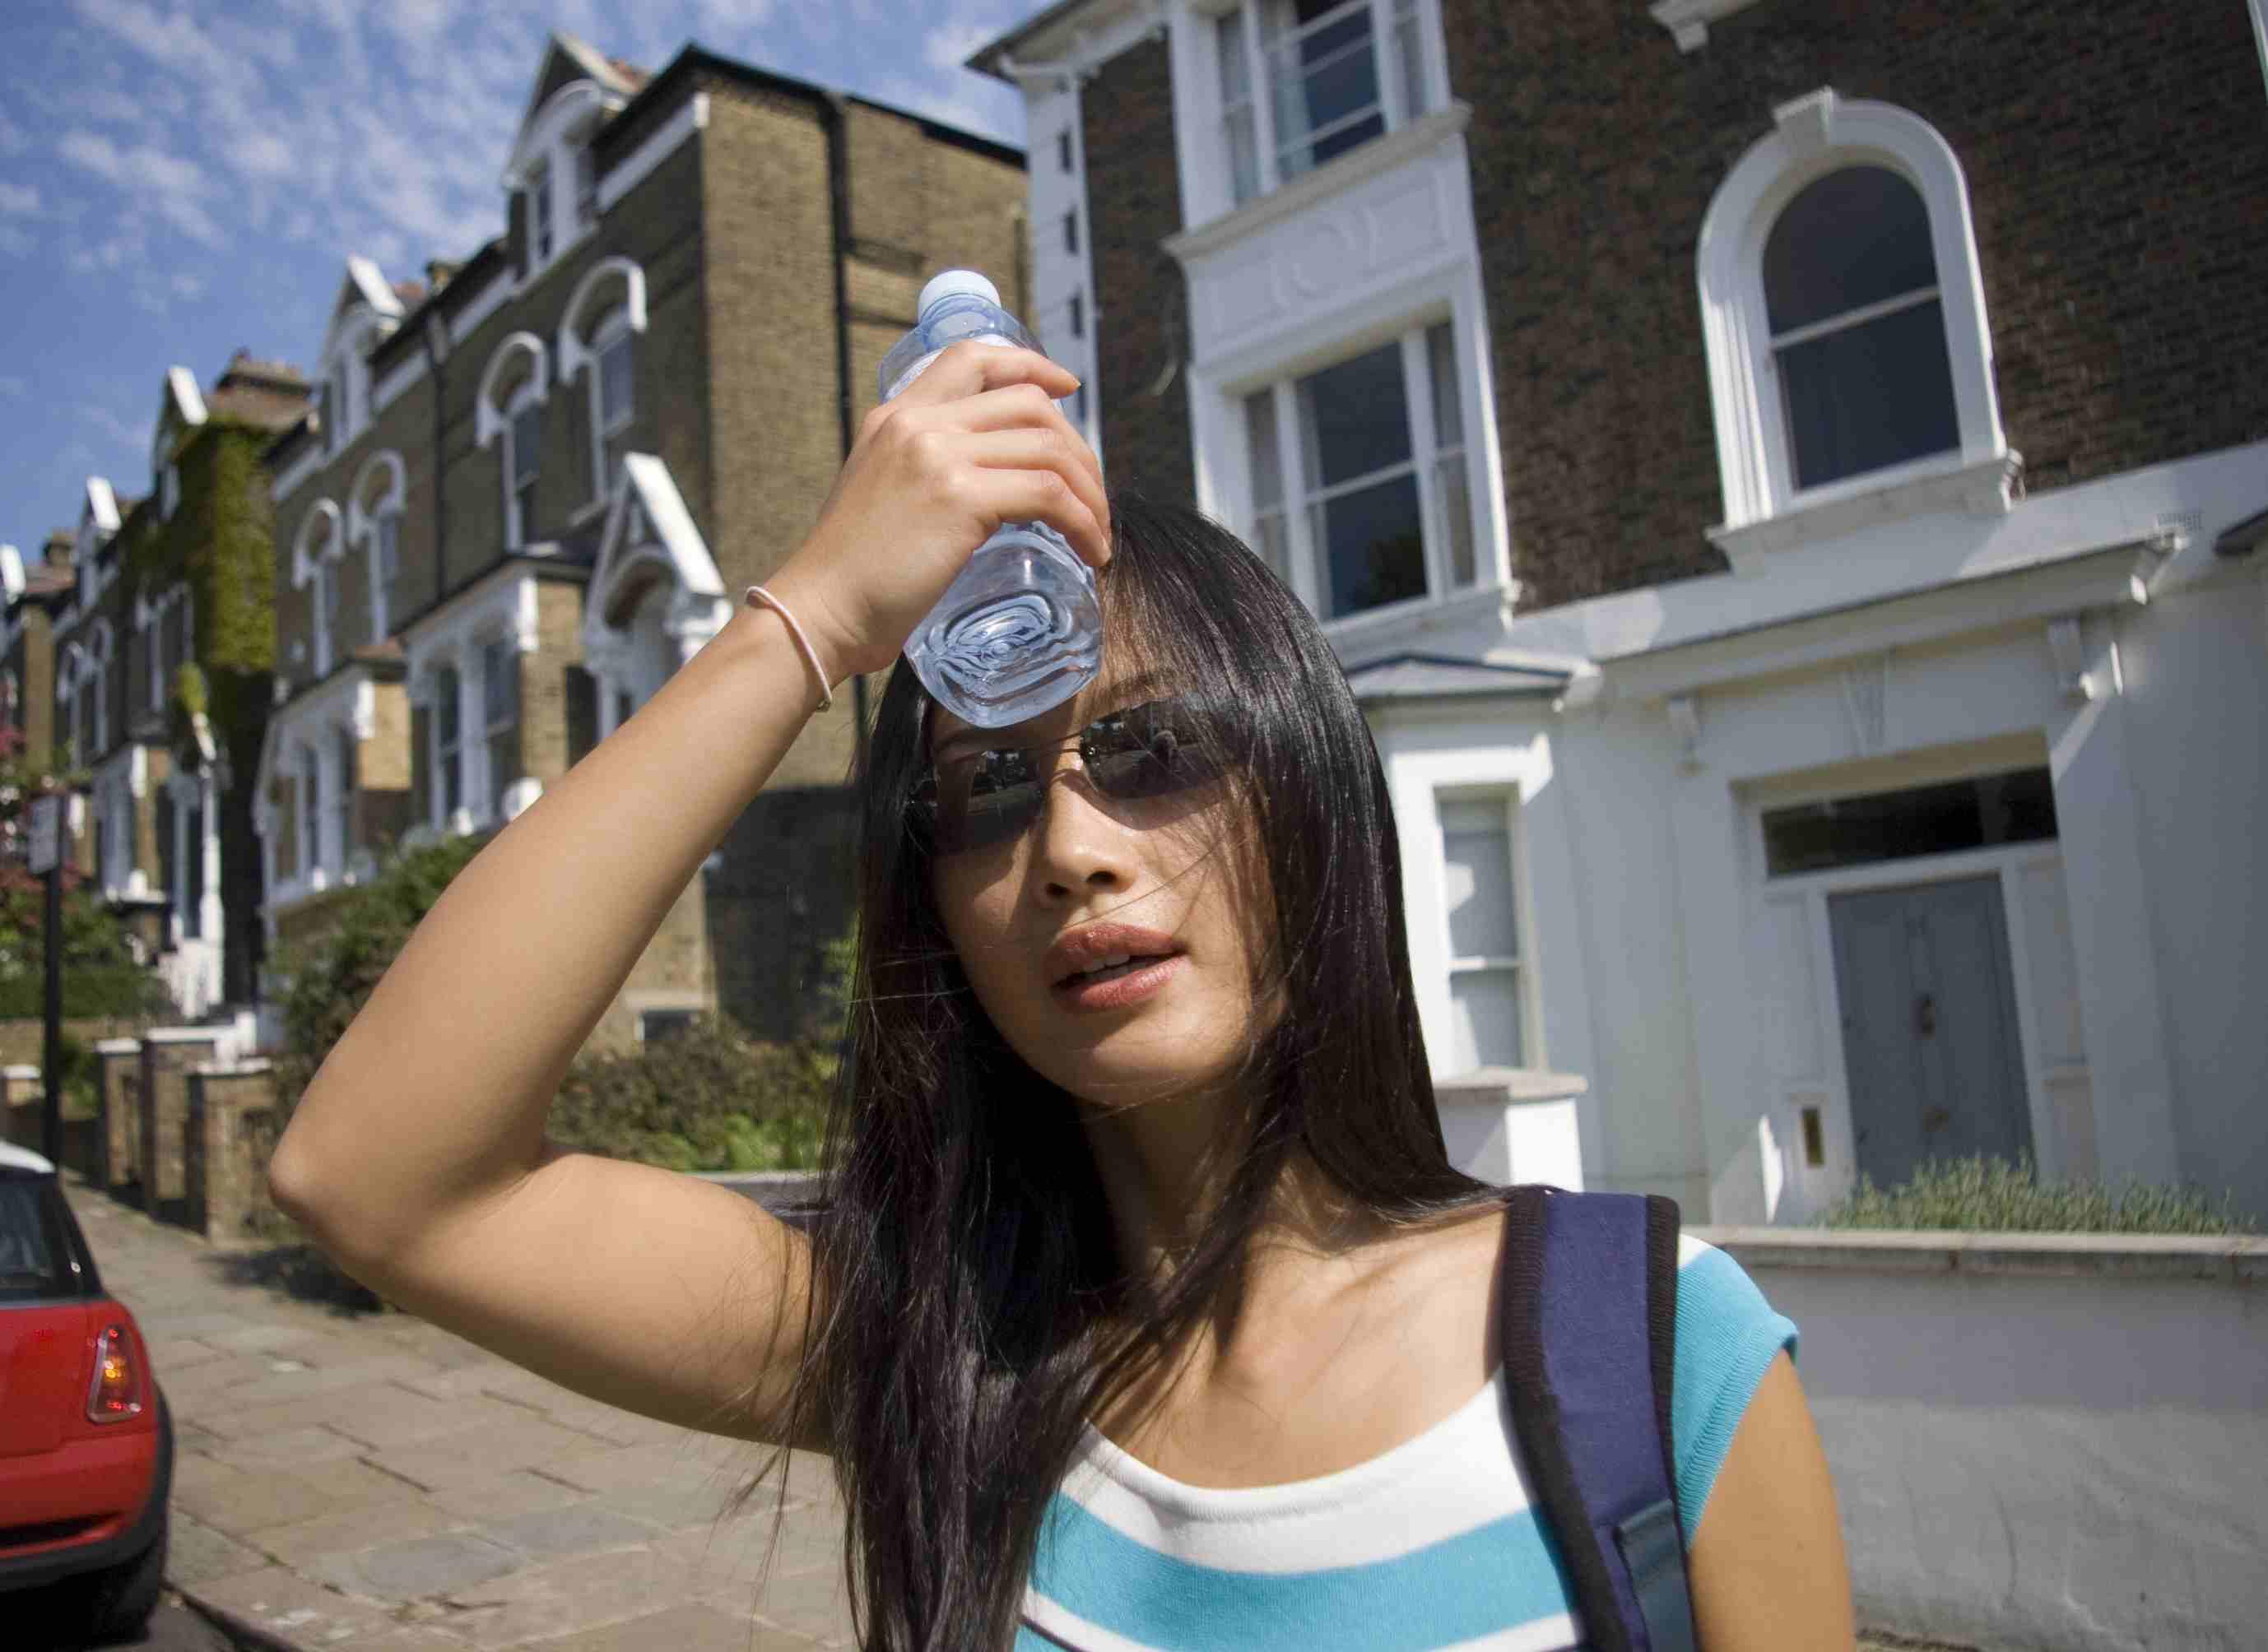 Mujer de pie en la calle poniendo una botella de agua fría en la cabeza